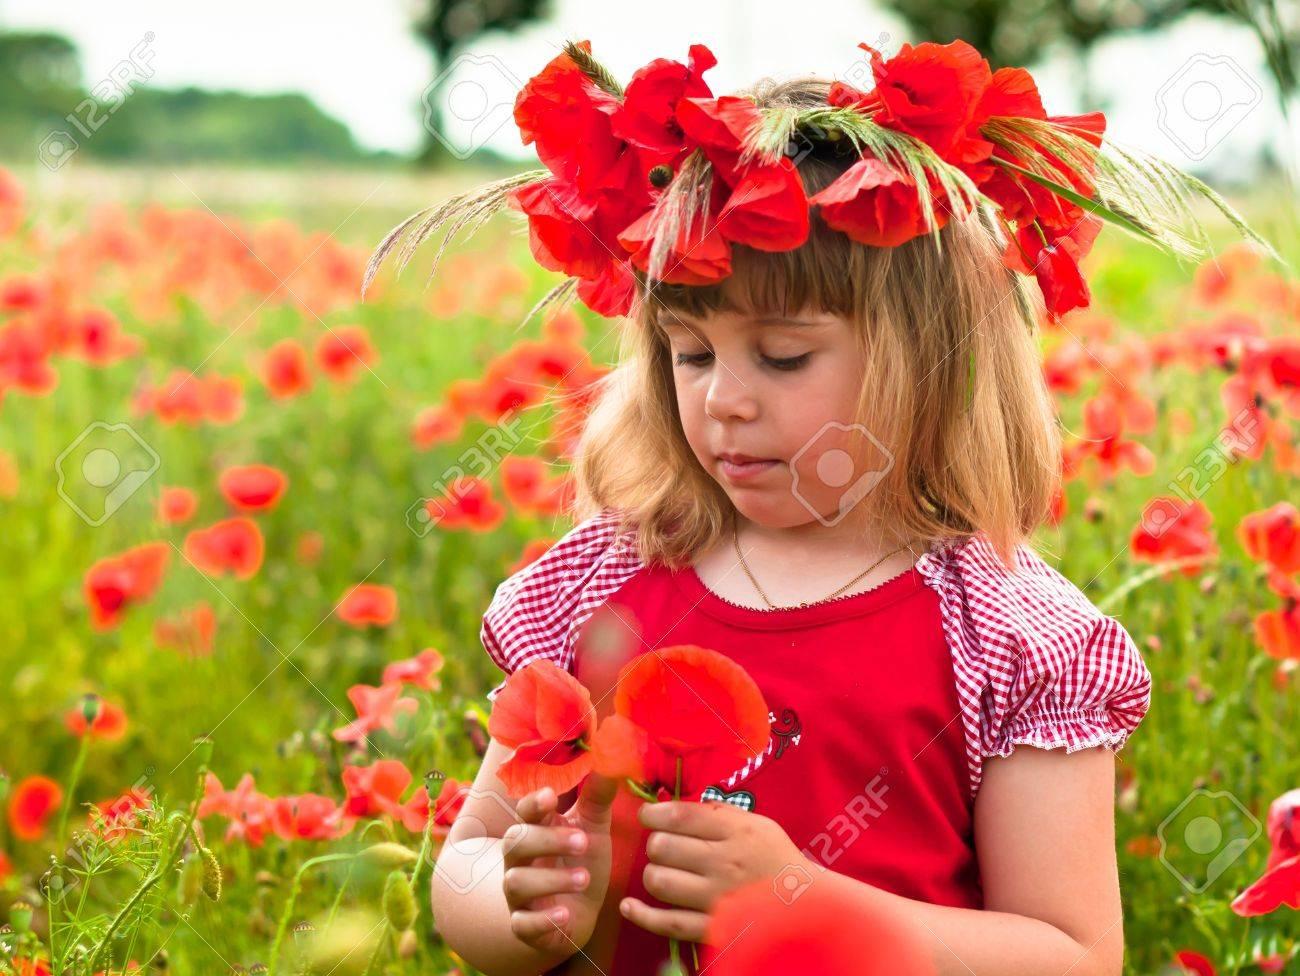 Little girl s portrait in poppies - 20637831